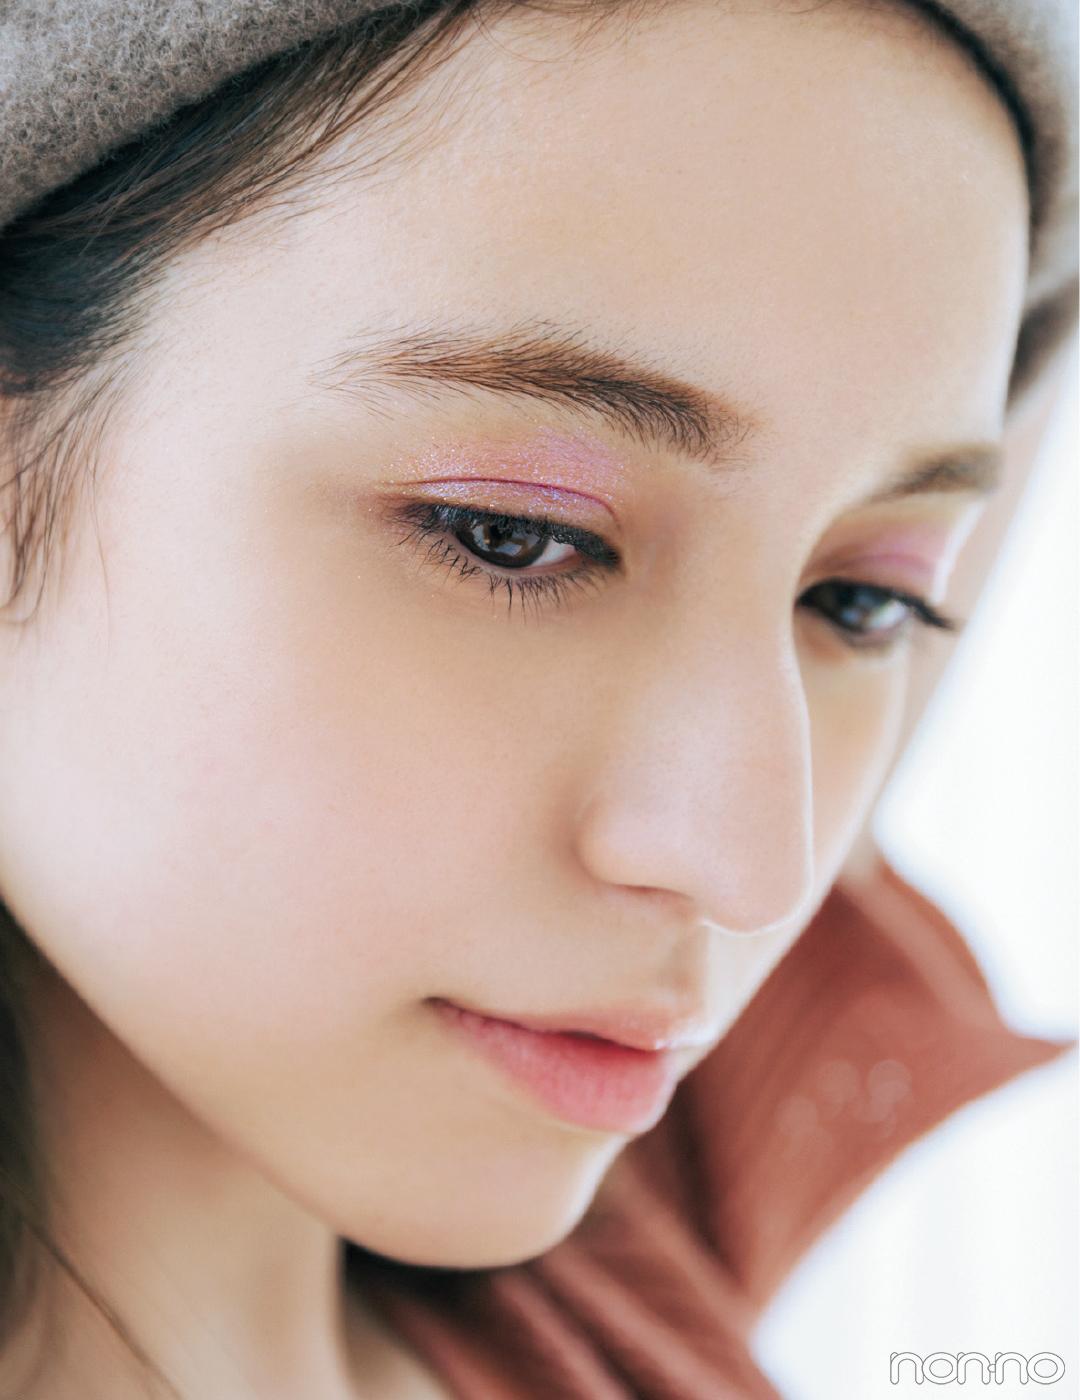 【2019秋の新作コスメ】イメチェンできる秋ラメアイシャドウ3選!_1_2